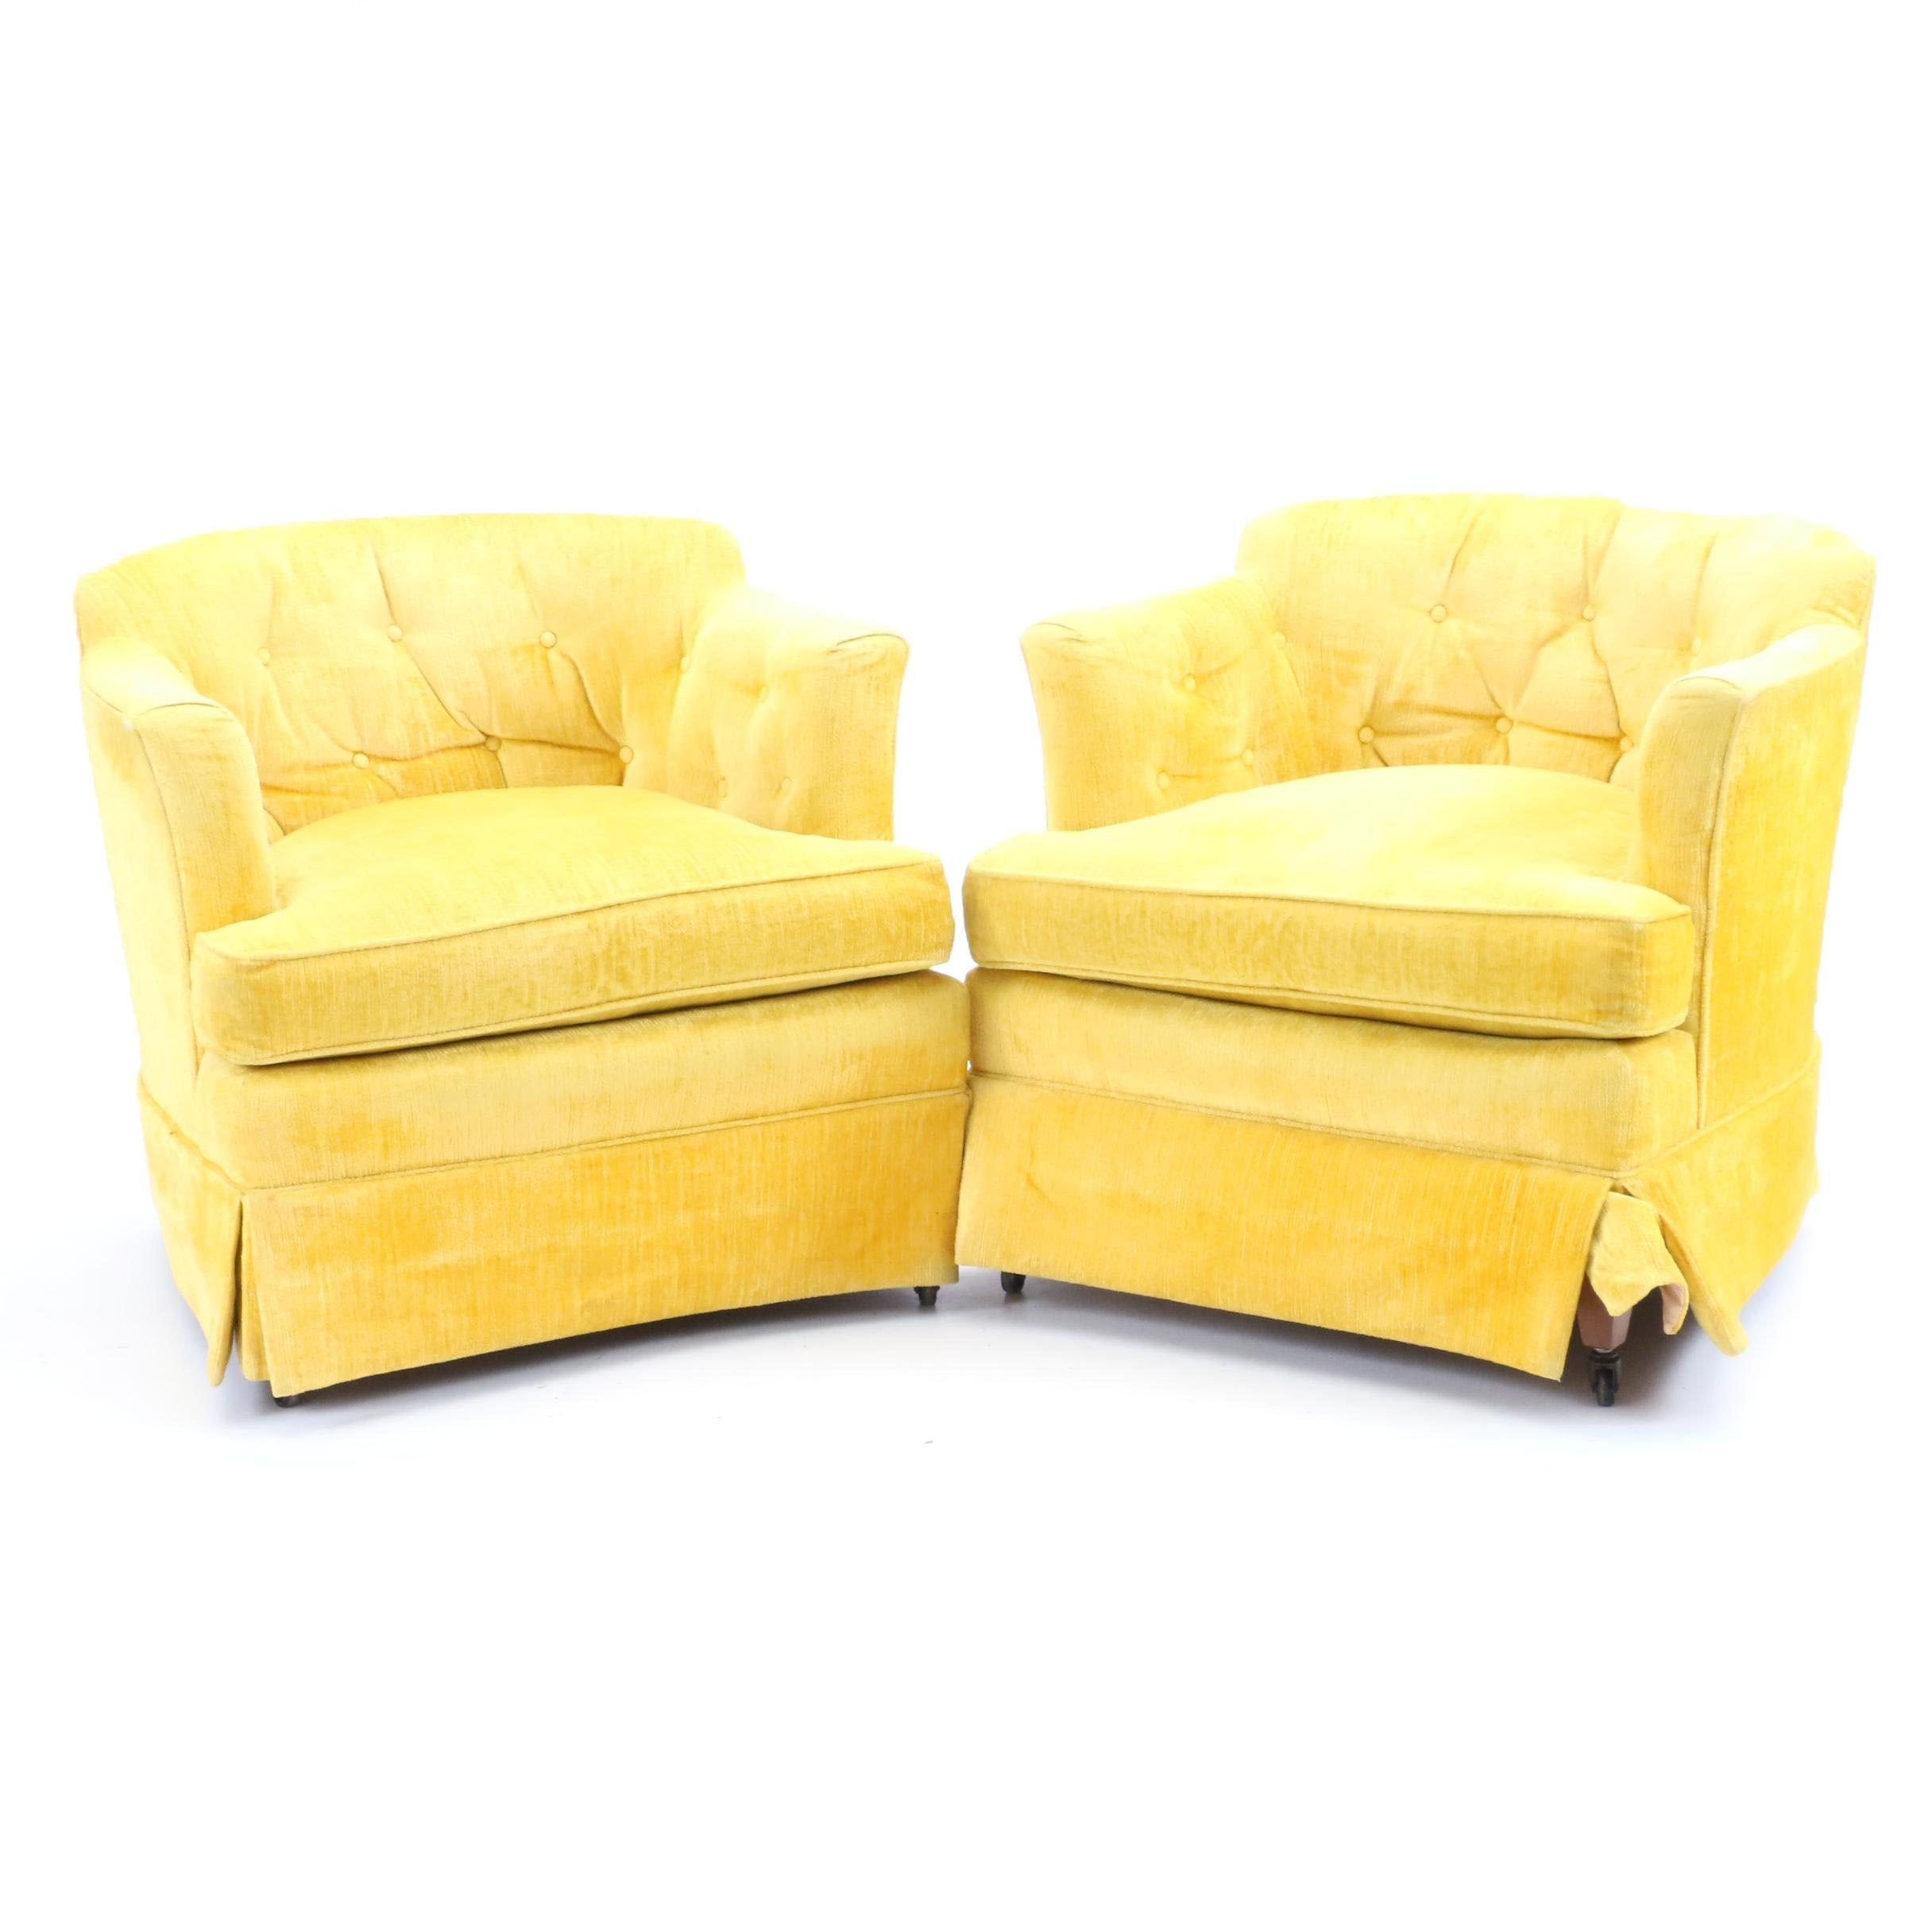 Vintage Henredon Armchairs